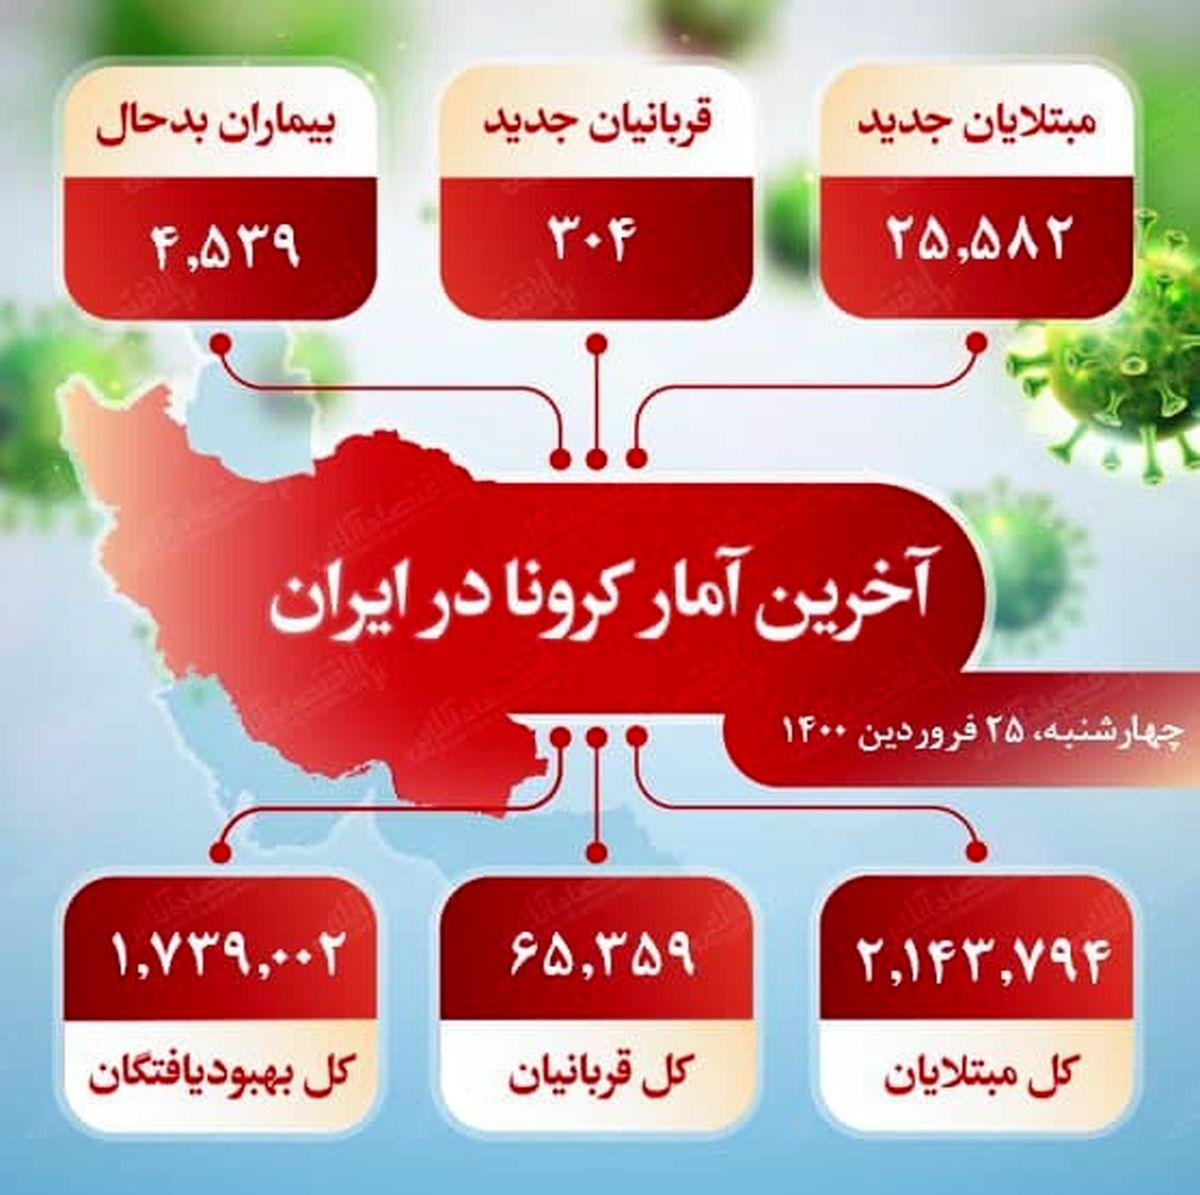 آخرین آمار کرونا در ایران (۱۴۰۰/۱/۲۵)